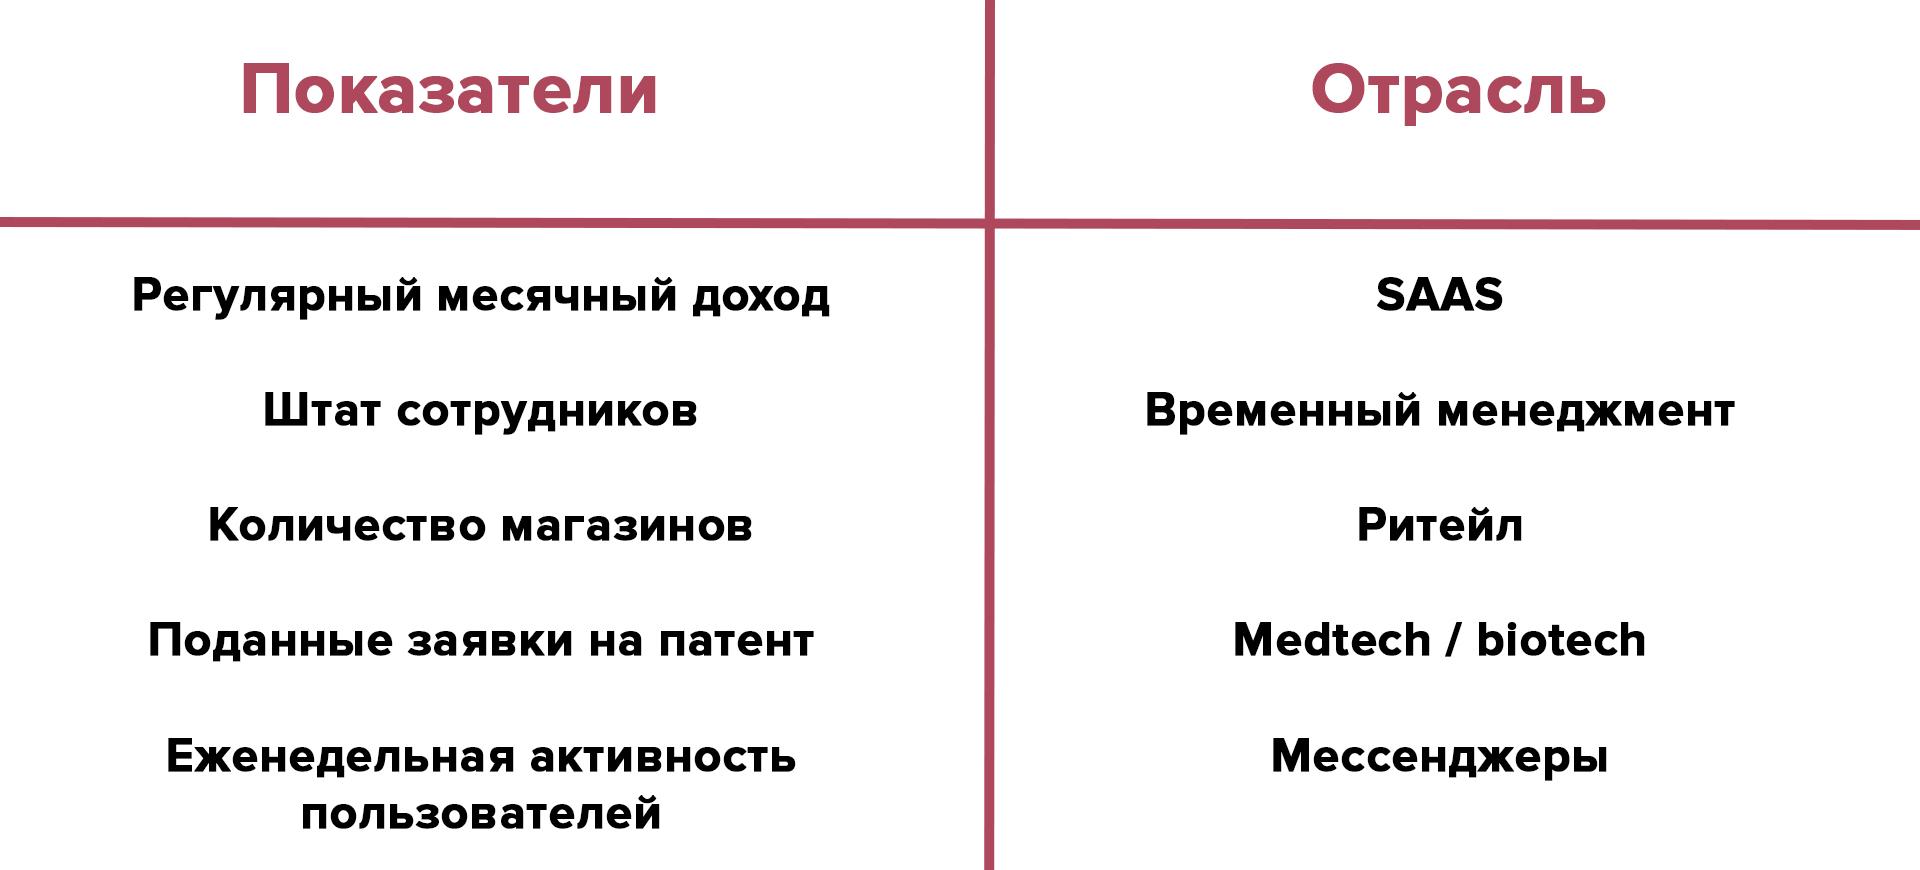 Показатели разных отраслей